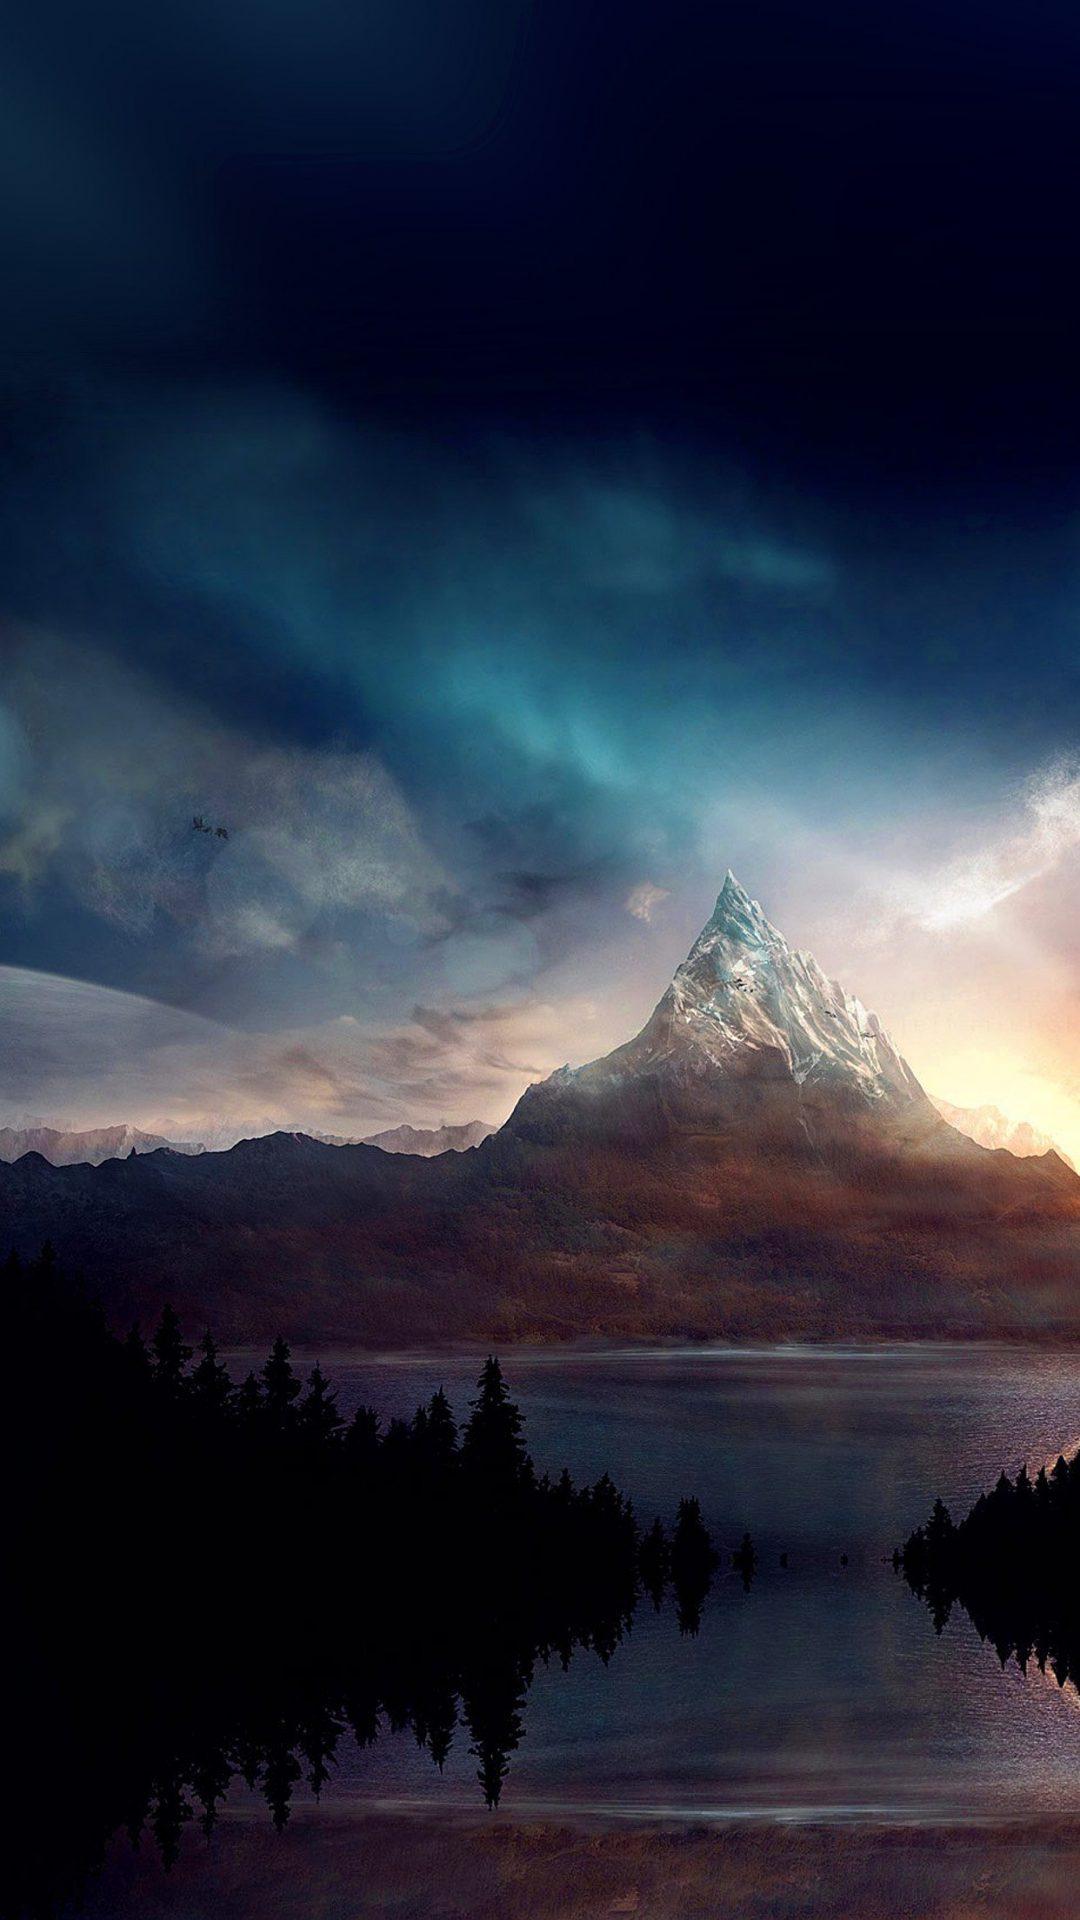 Mountain Nature Fantasy Art Illustration